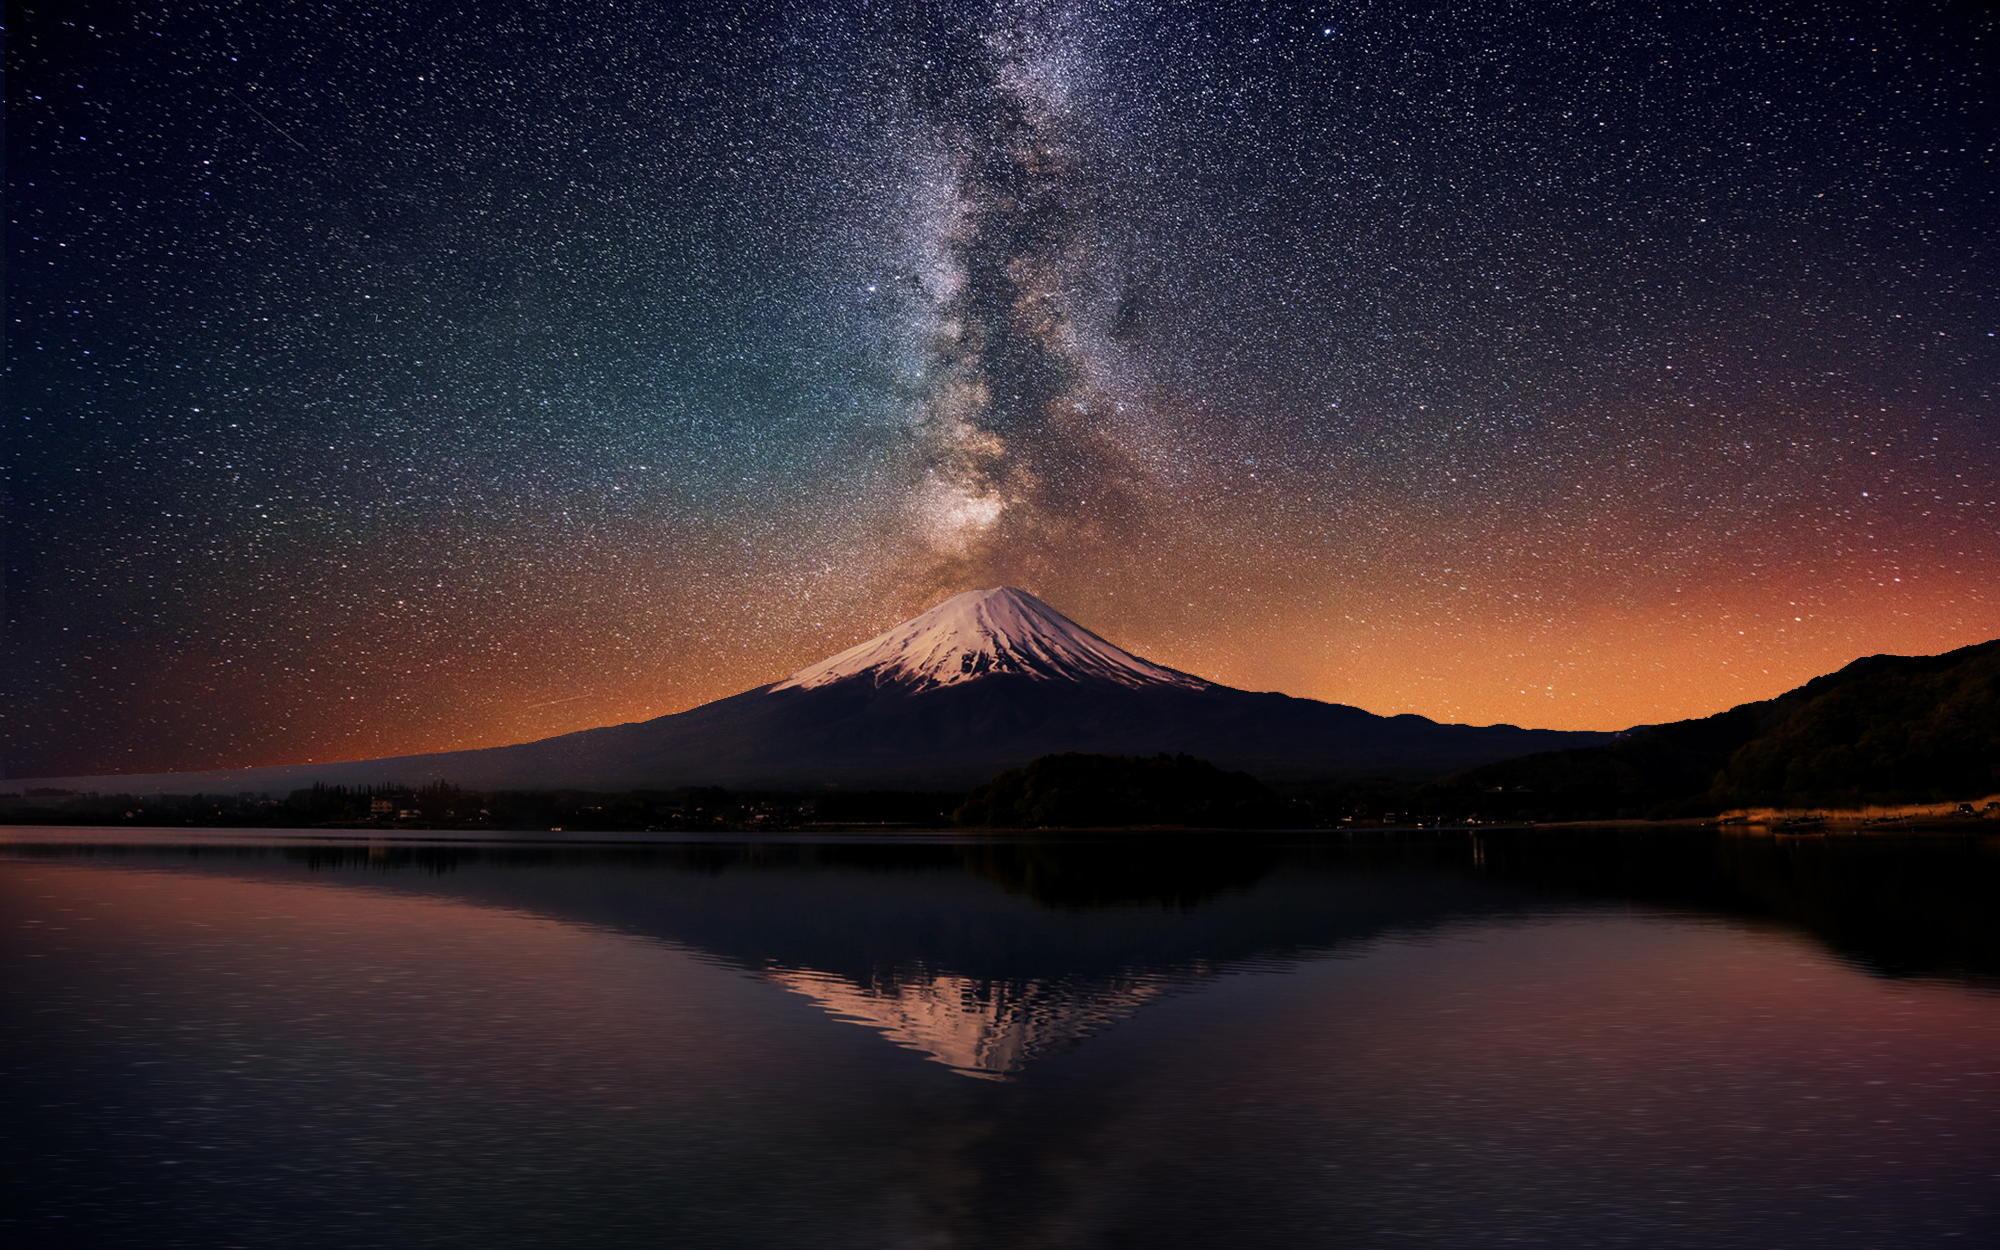 Фудзияма— действующий стратовулкан на японском острове Хонсю в 90 километрах к юго-западу от Токио.